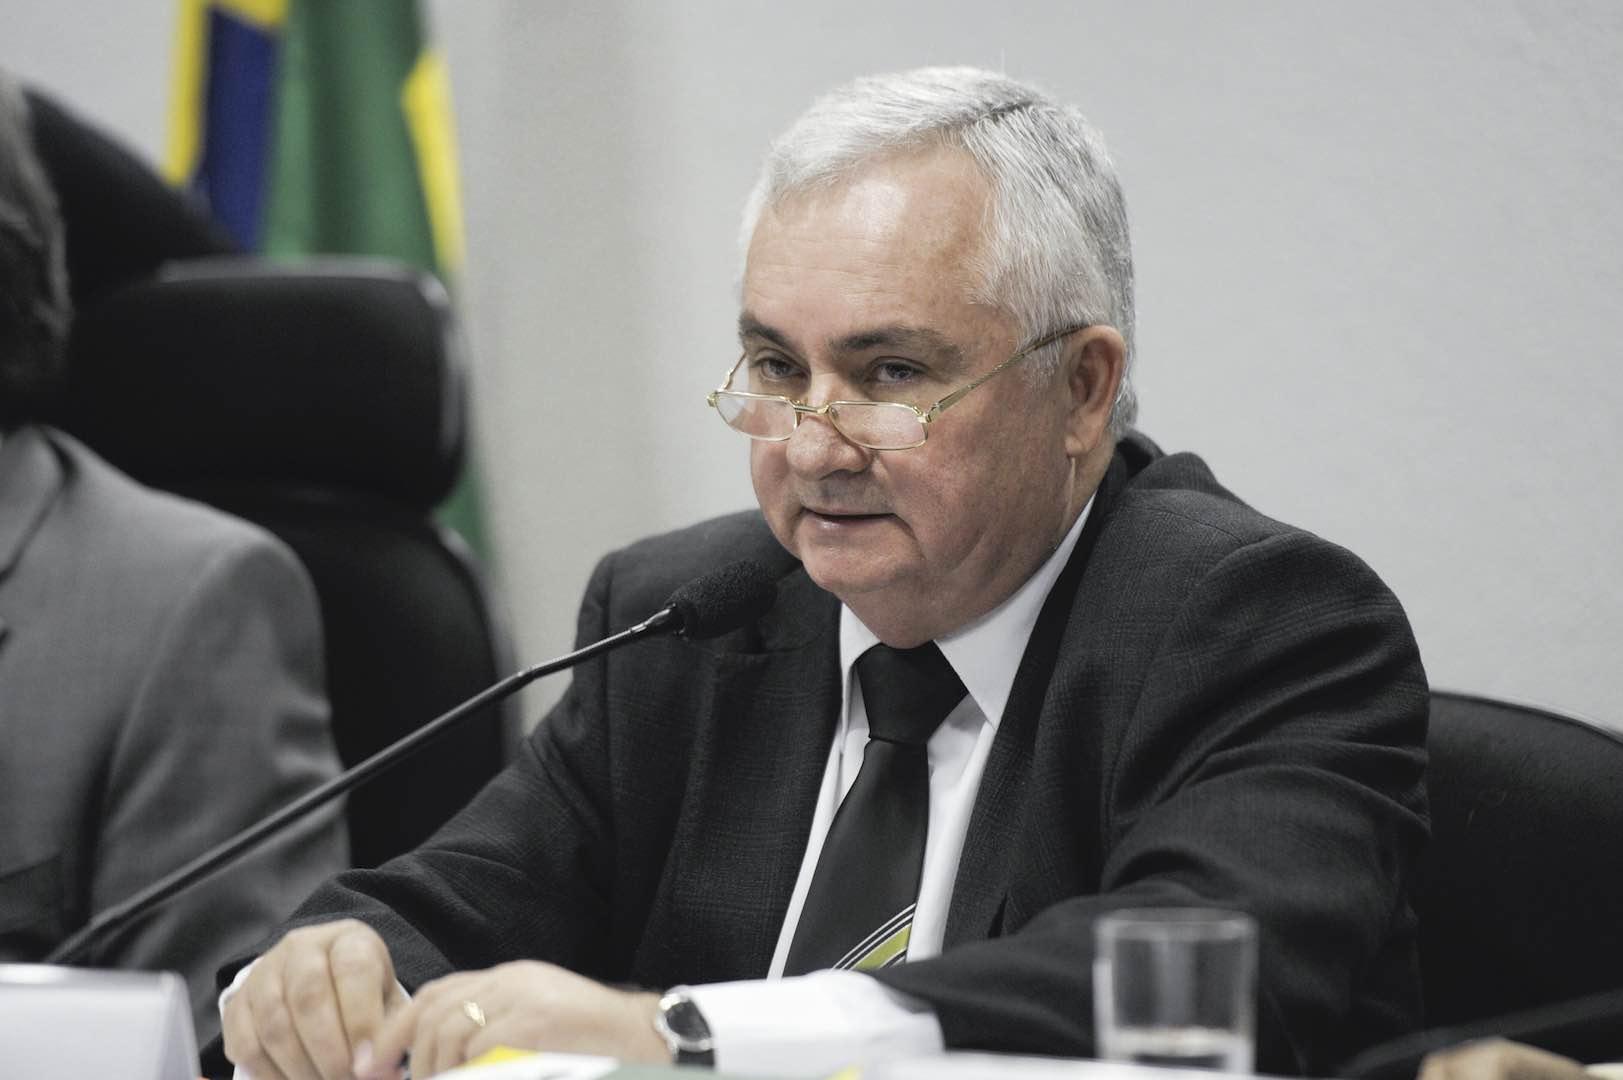 eitel.santiago.22.mai .2019.jose .cruz .ag .brasil - Integrantes do Conselho Superior do MP pedem a Aras a cabeça do seu secretário-geral, o paraibano Eitel Santiago